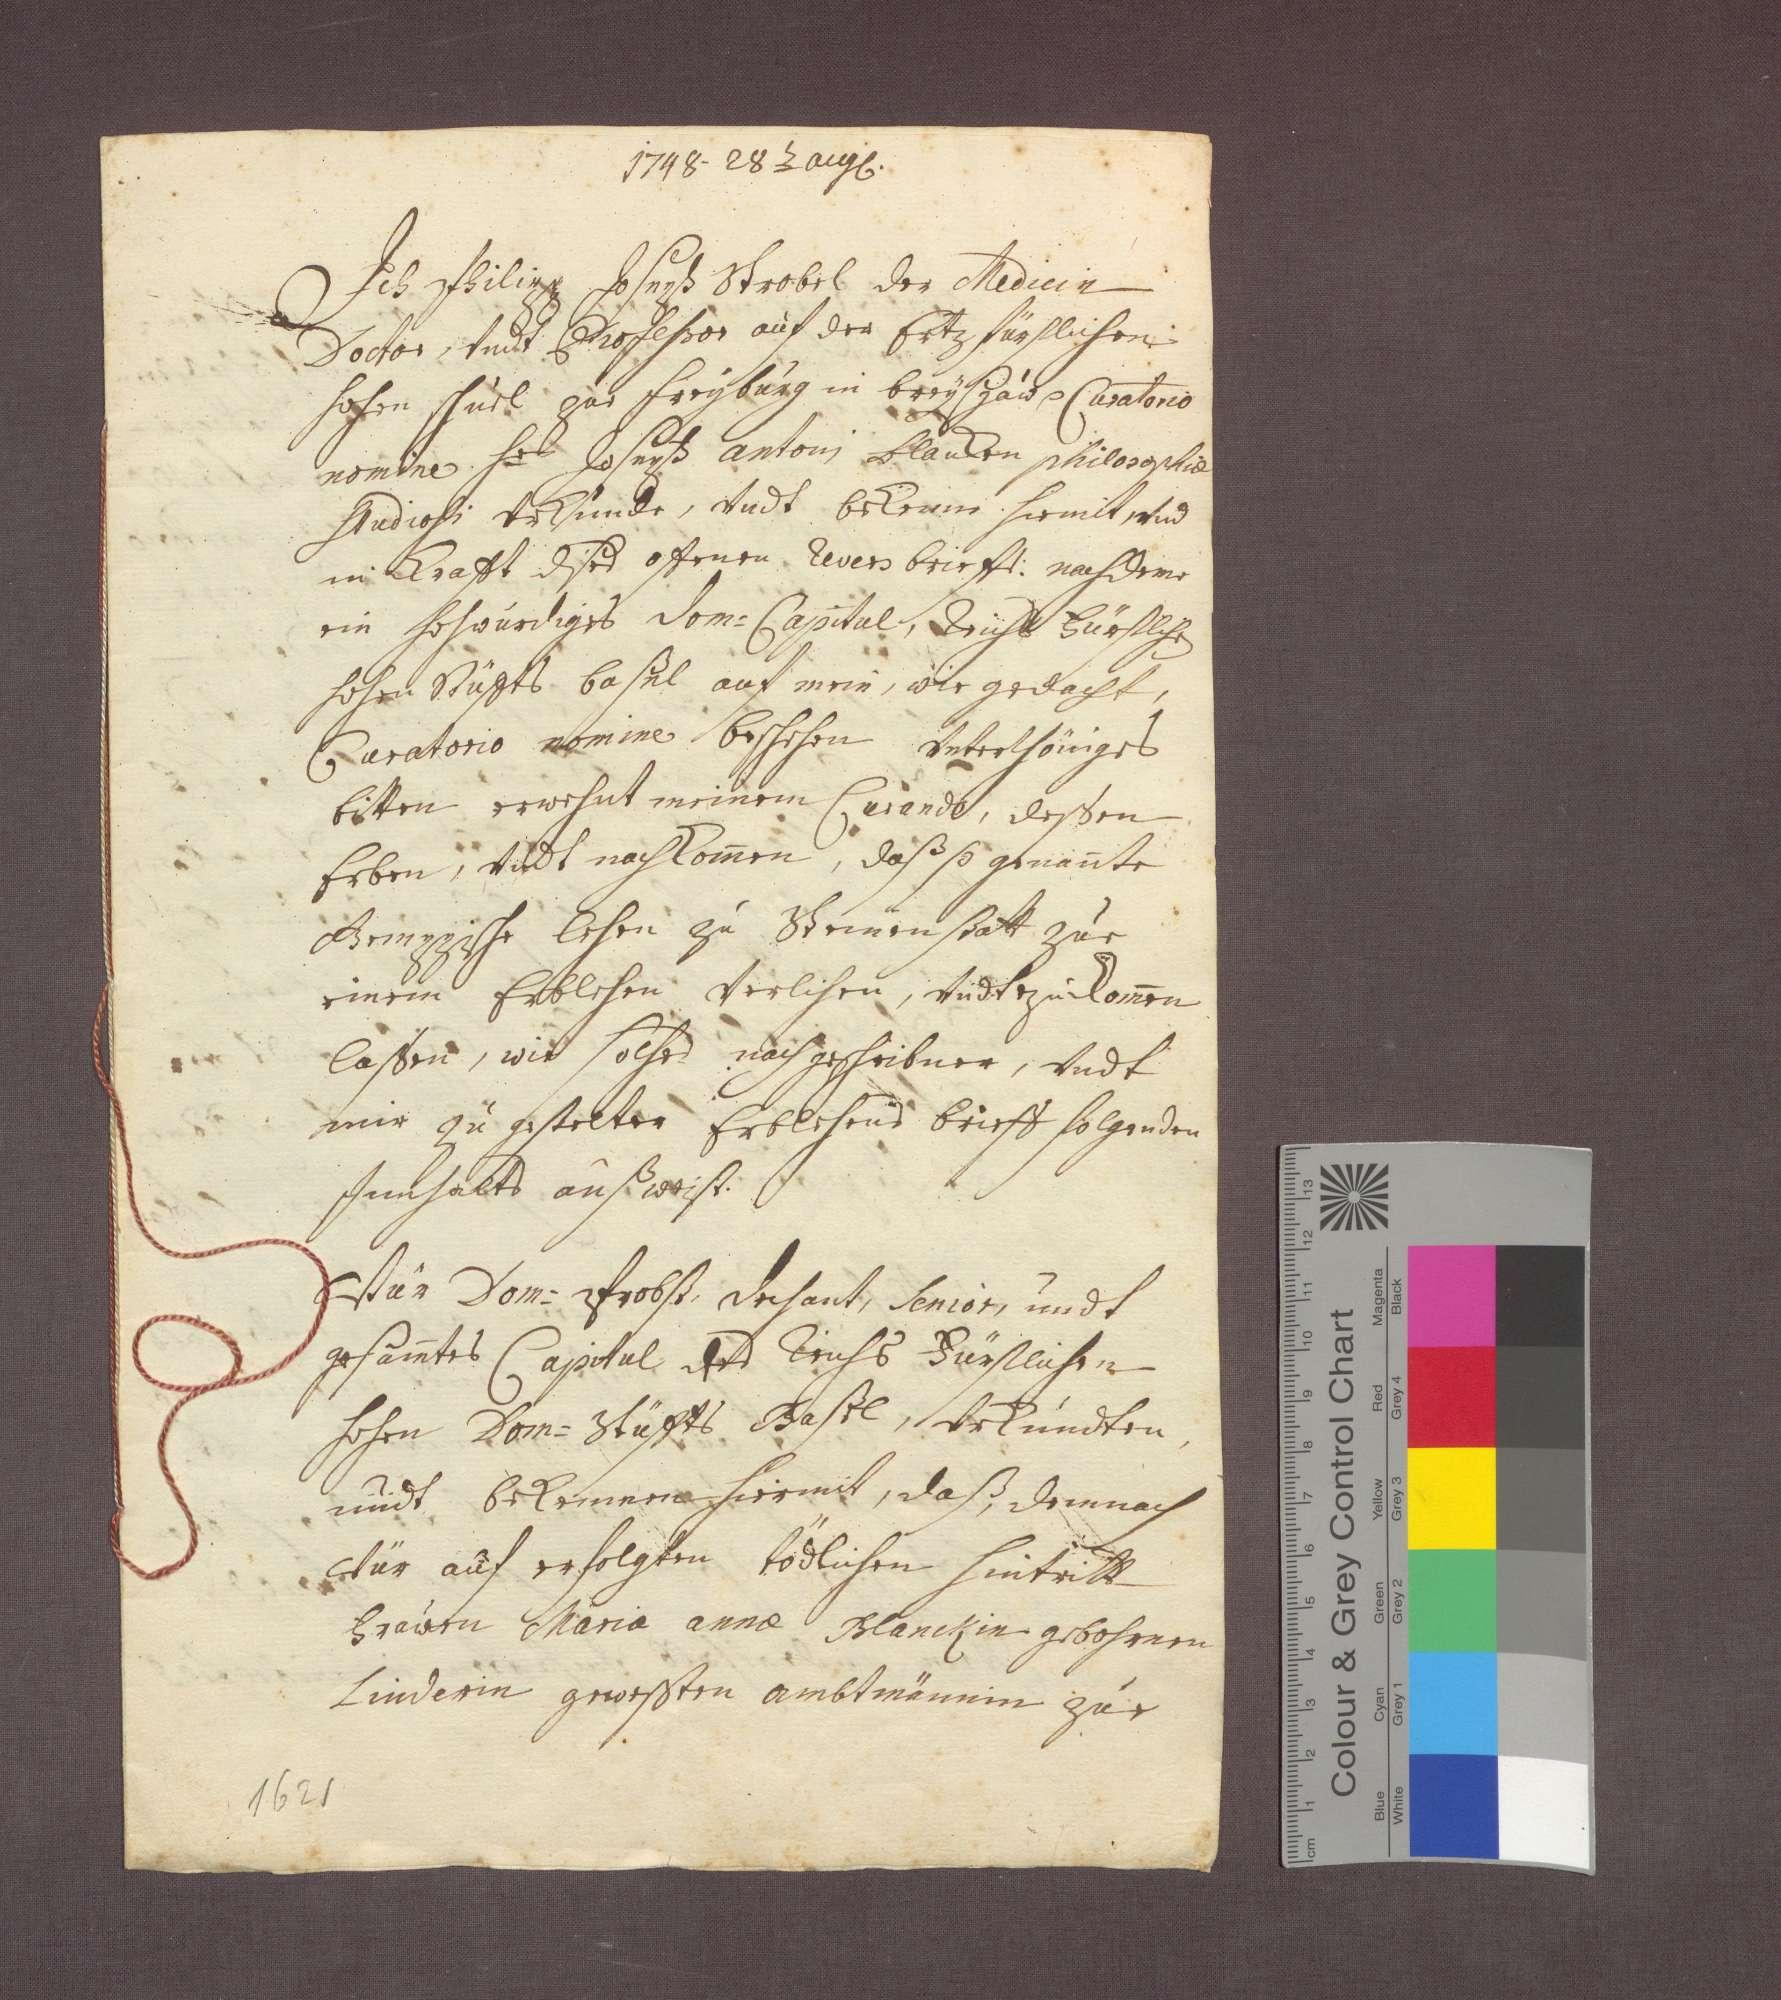 Lehnrevers des Philipp Josef Strobel namens des Josef Anton Blanck gegenüber dem Basler Domkapitel über ein Gut zu Steinenstadt., Bild 1